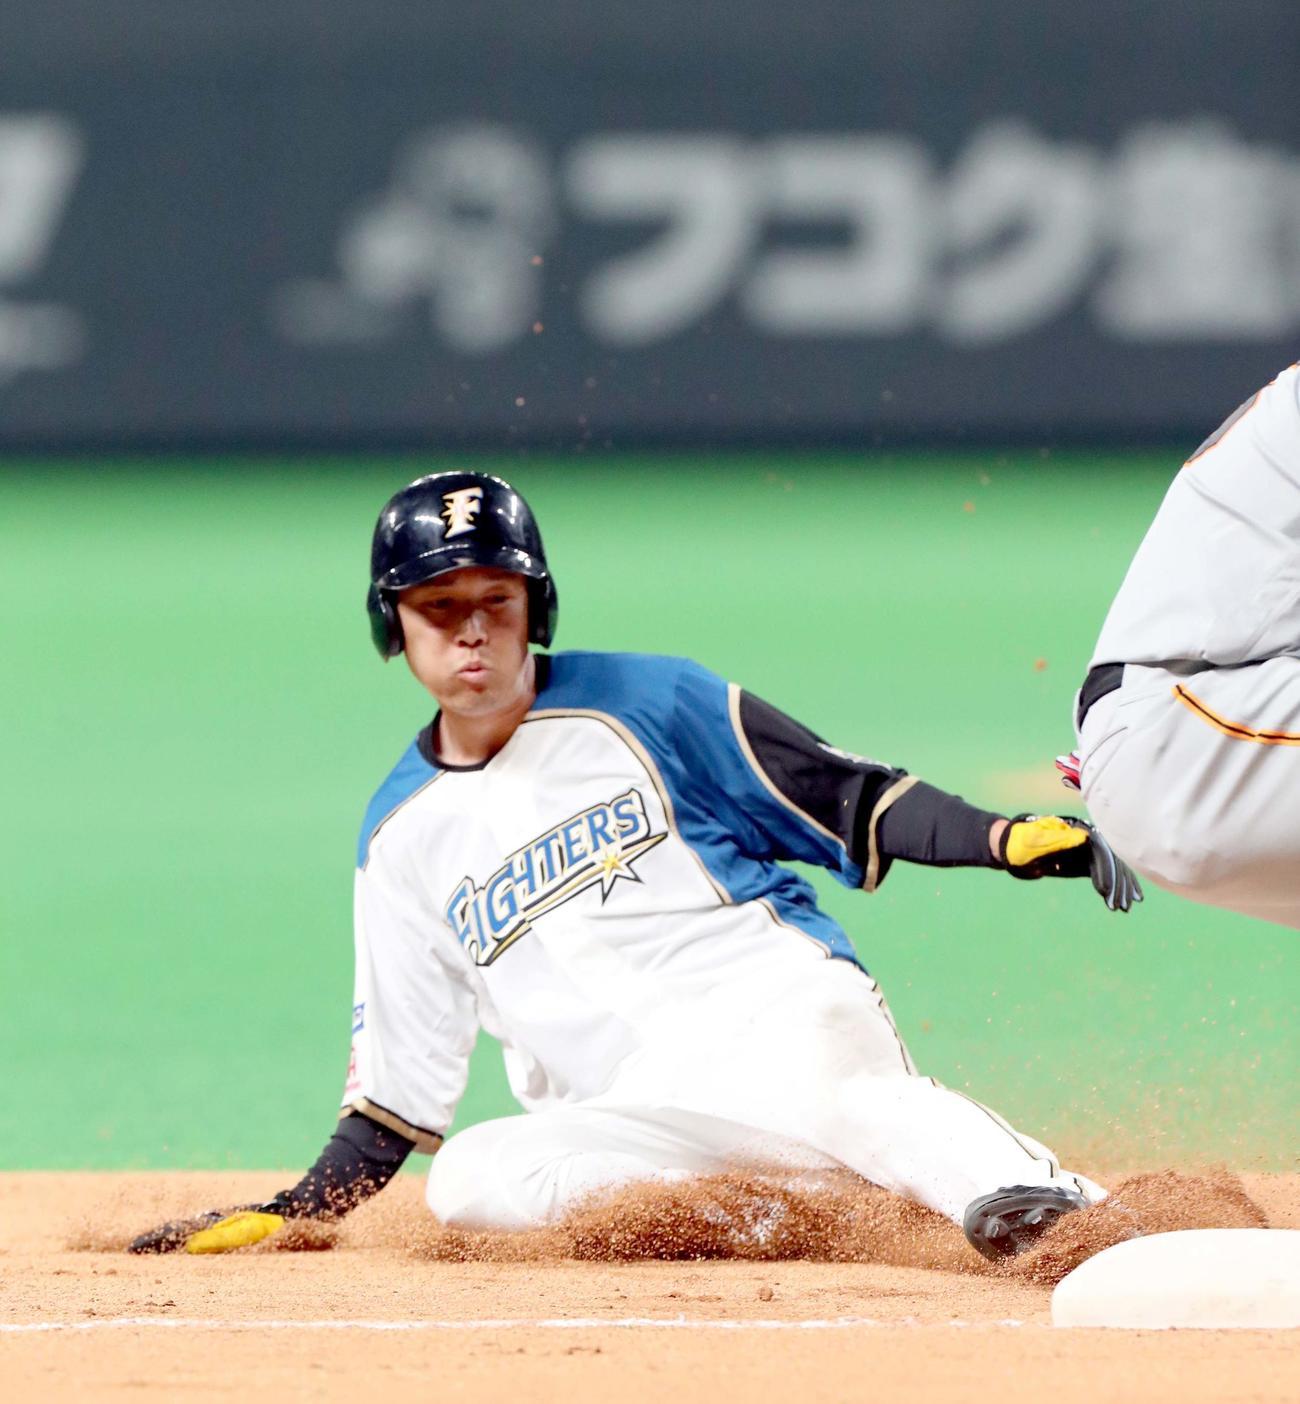 日本ハム対巨人 6回裏日本ハム2死二塁、宮田は巨人畠の暴投の間に三塁に進塁する(撮影・佐藤翔太)